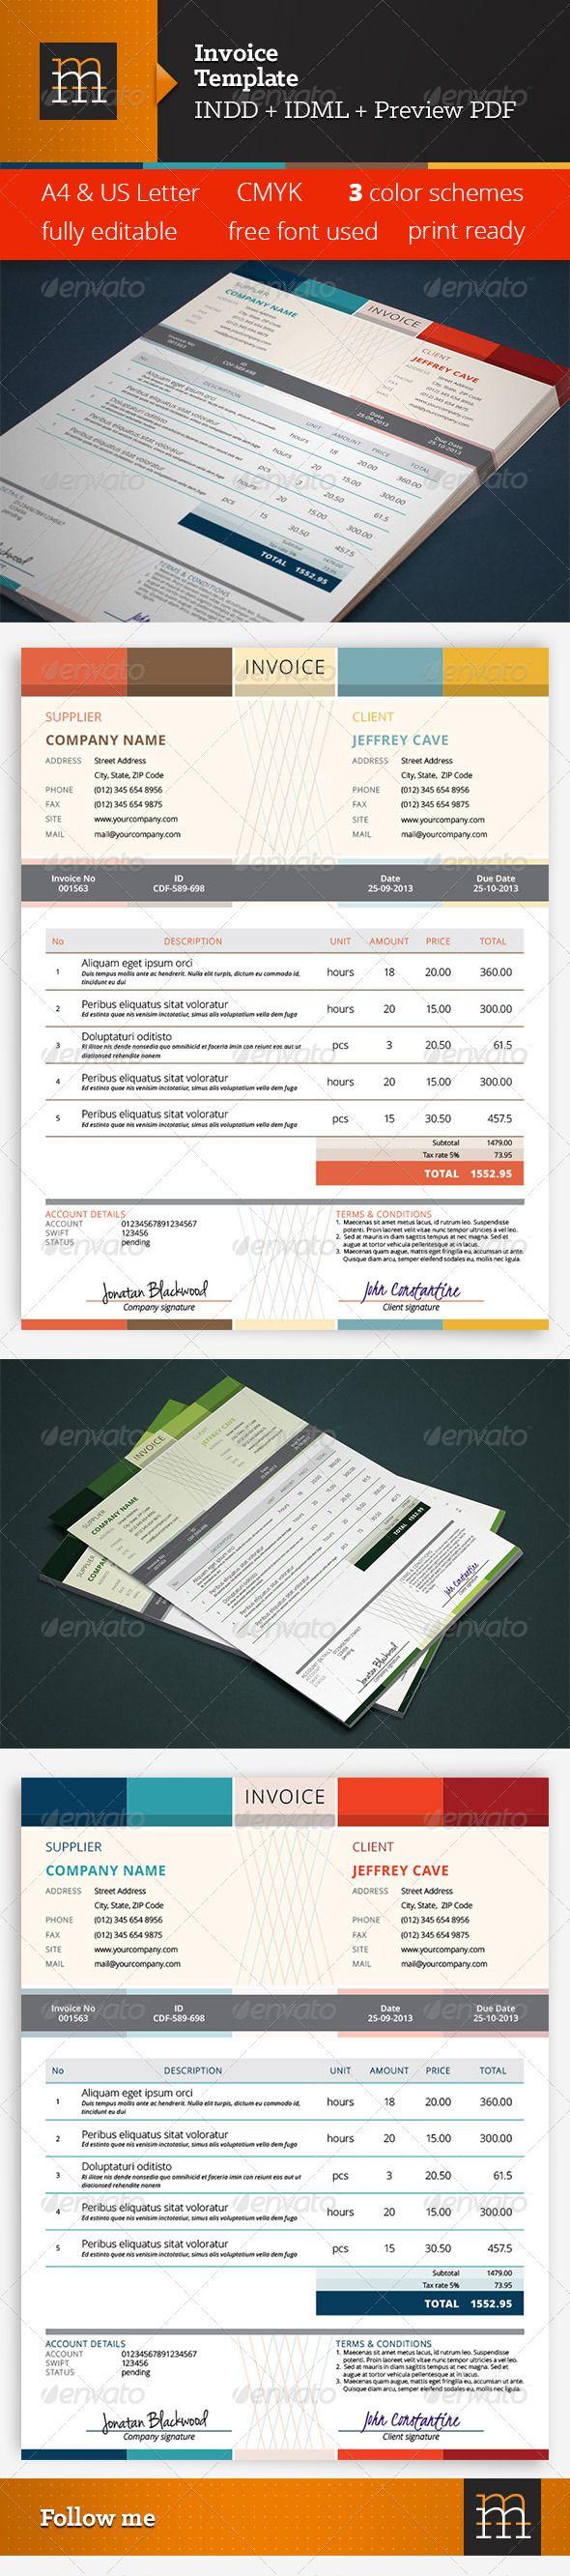 sample invitation letter for visitor visto australia%0A Invoice Template